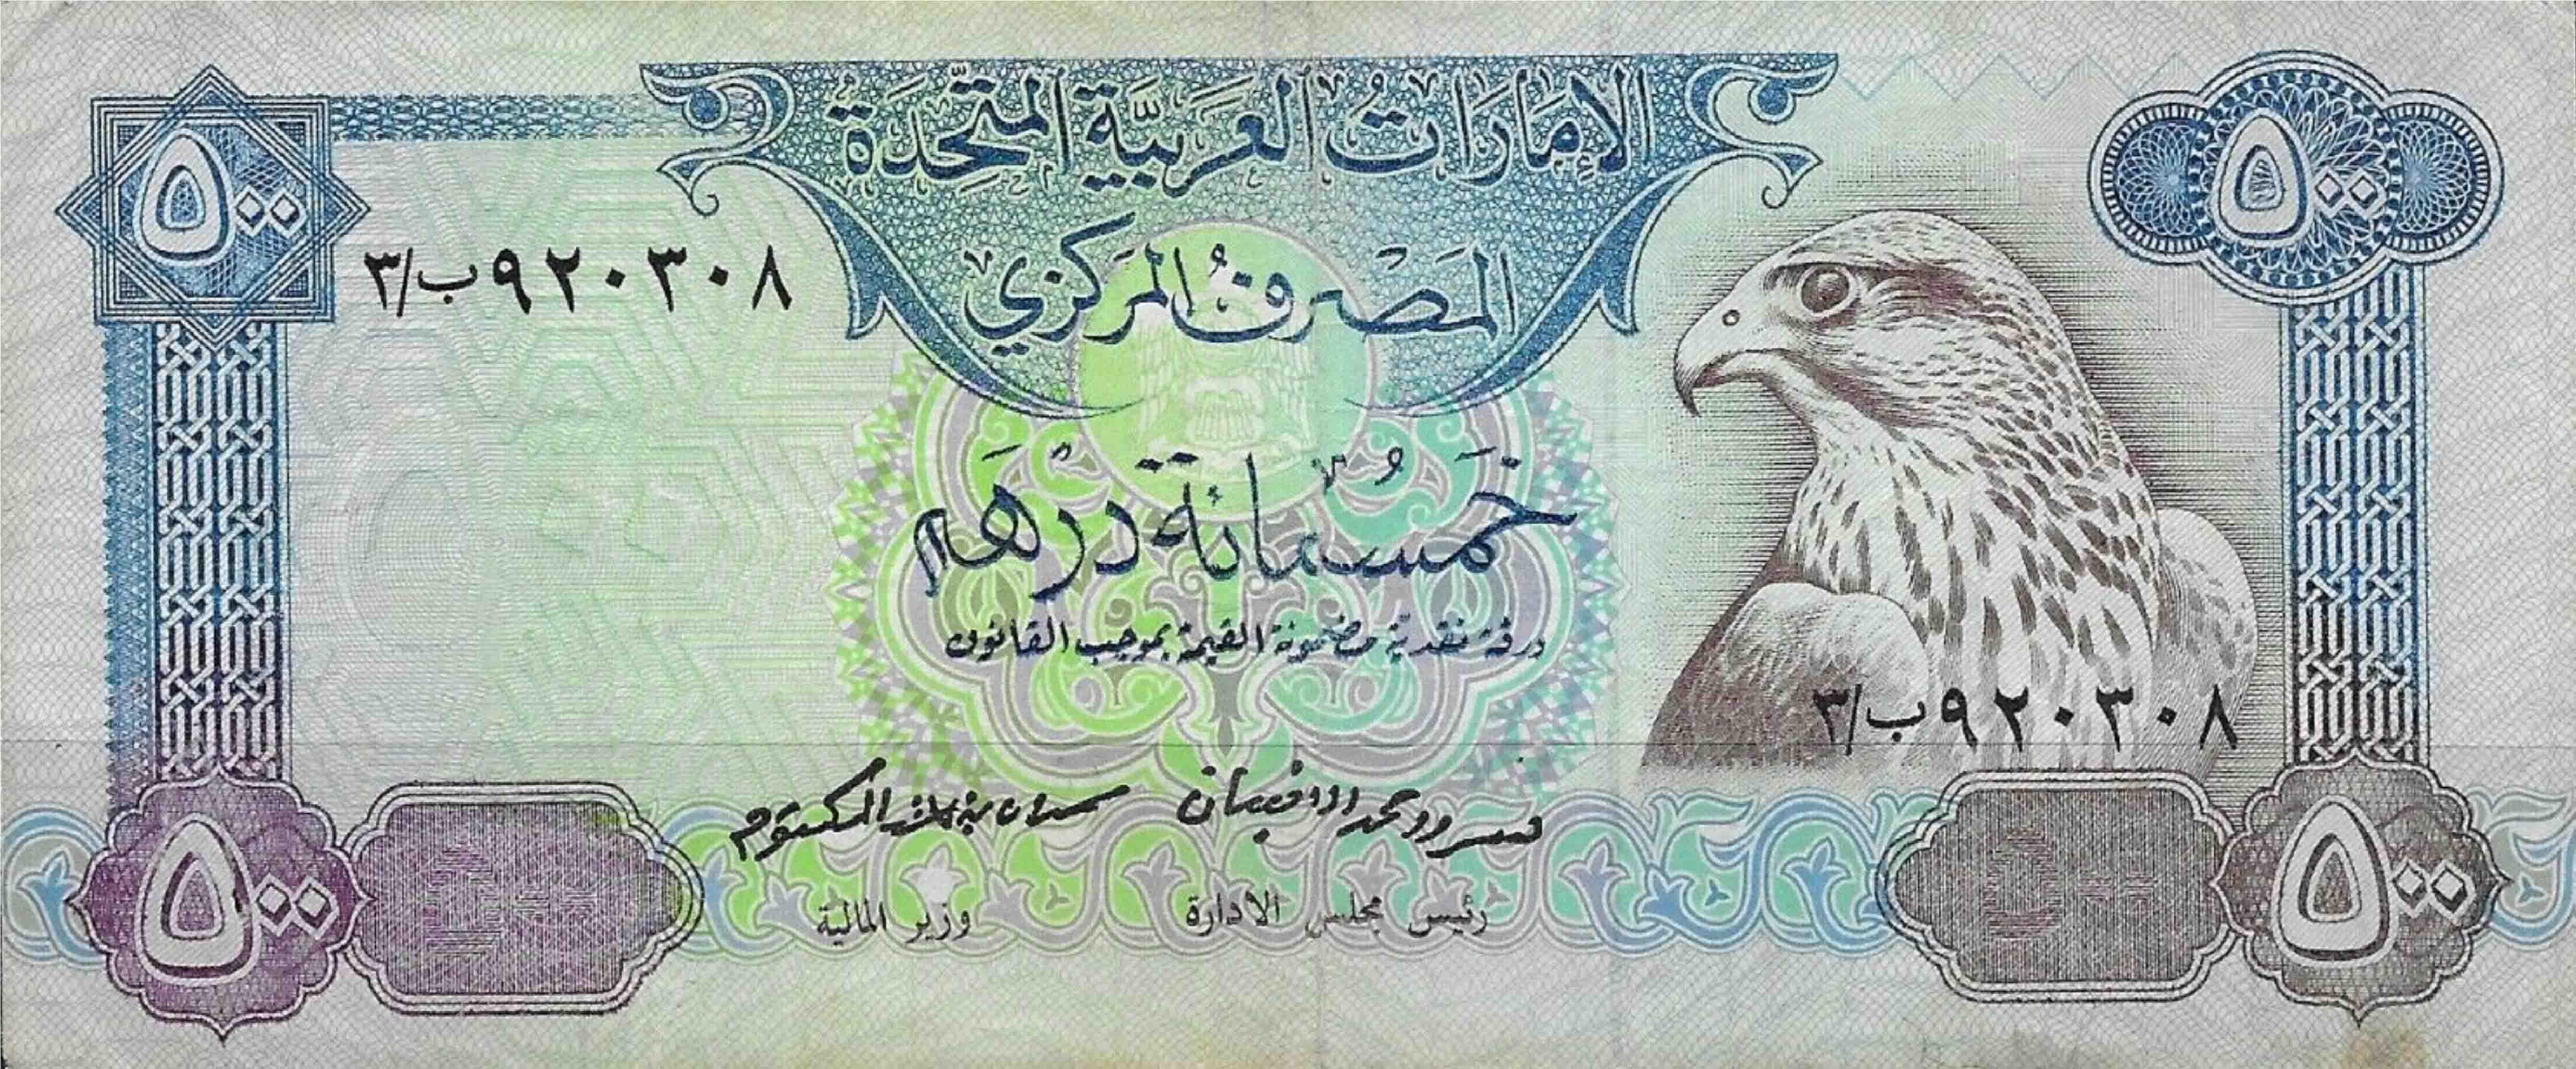 قیمت درهم امارات امروز در بازار آزاد و حواله